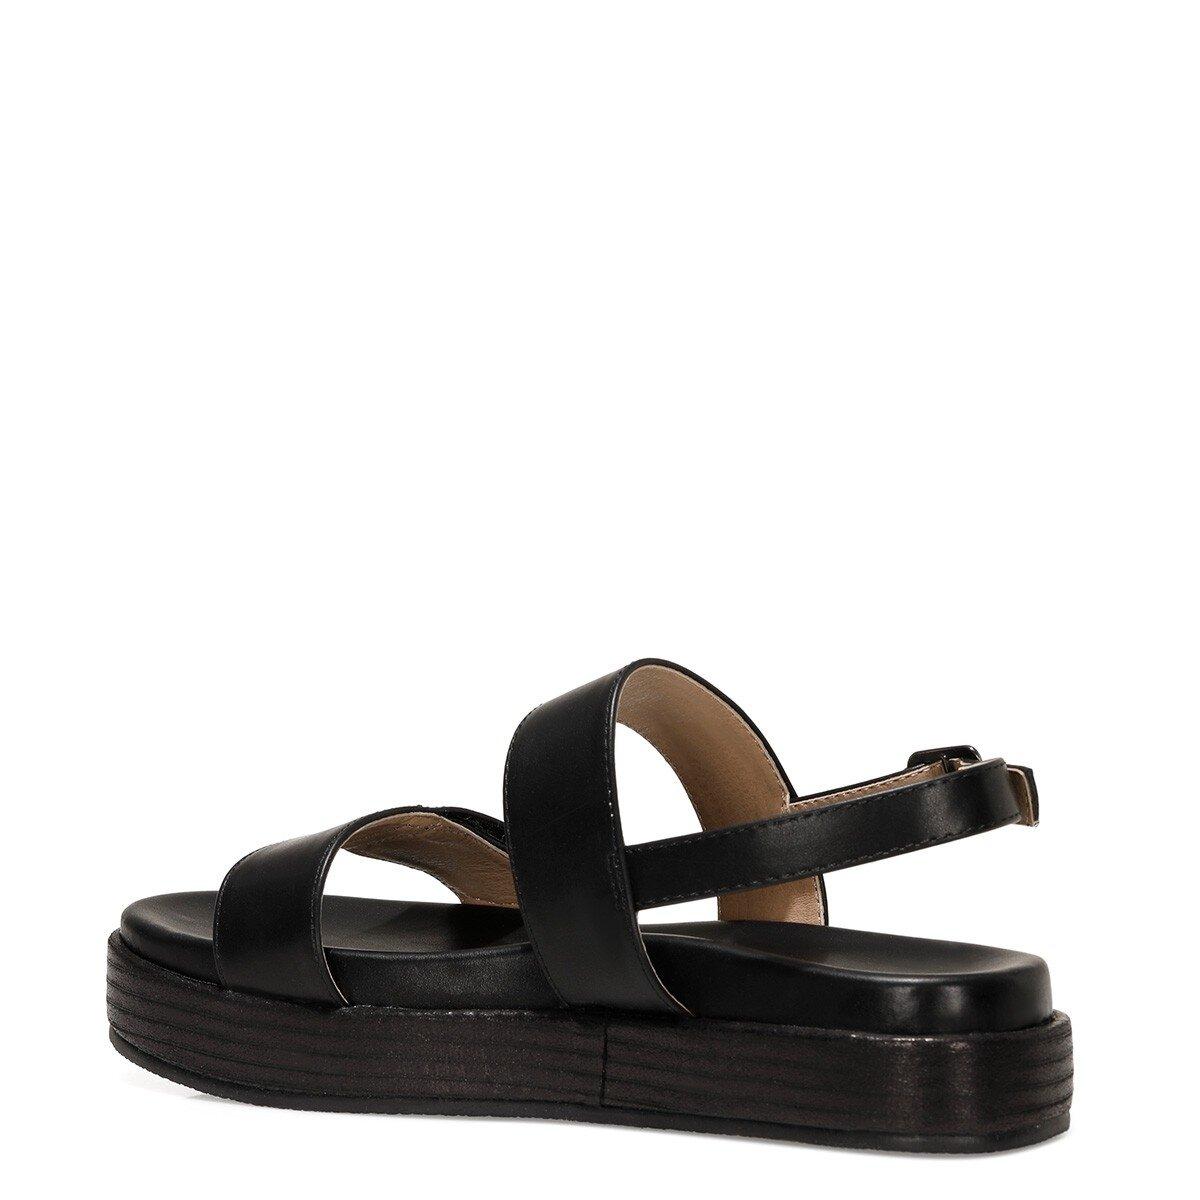 POPPY 1FX Siyah Kadın Kalın Taban Sandalet